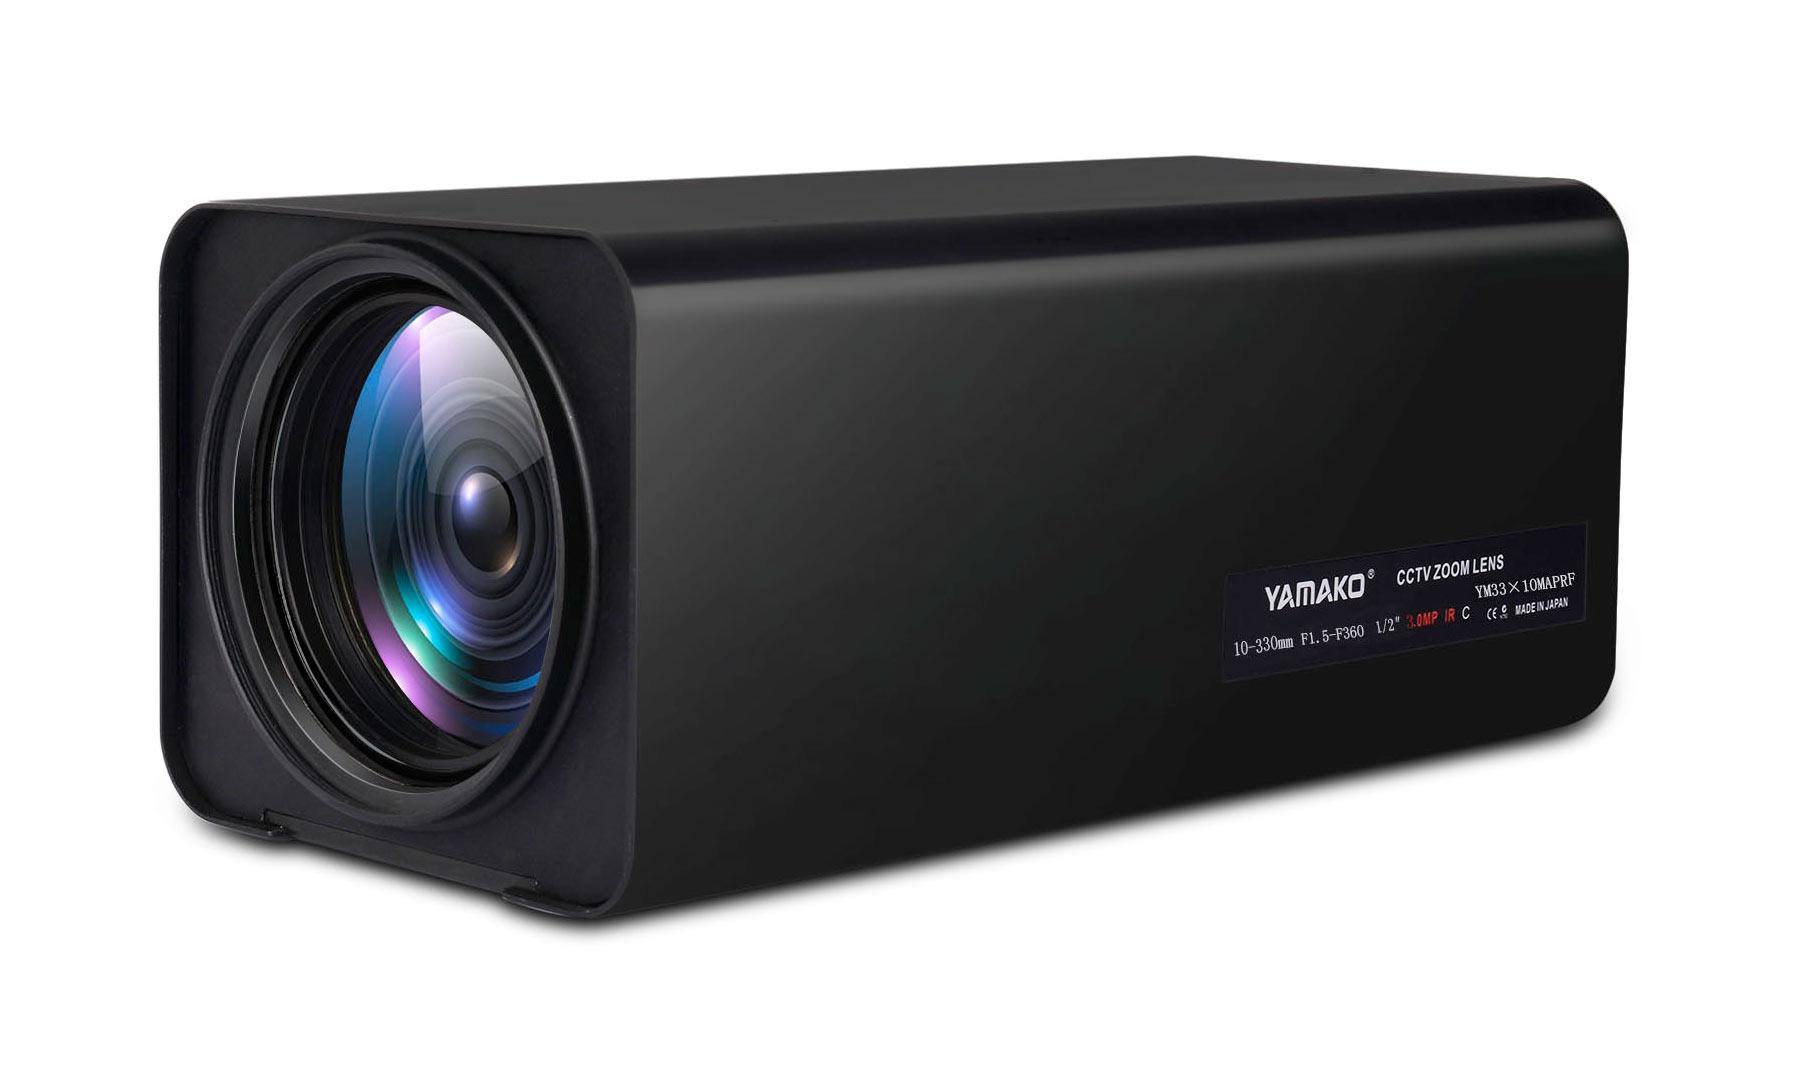 300万高清监控镜头 22.5-1050mm电动变倍镜头